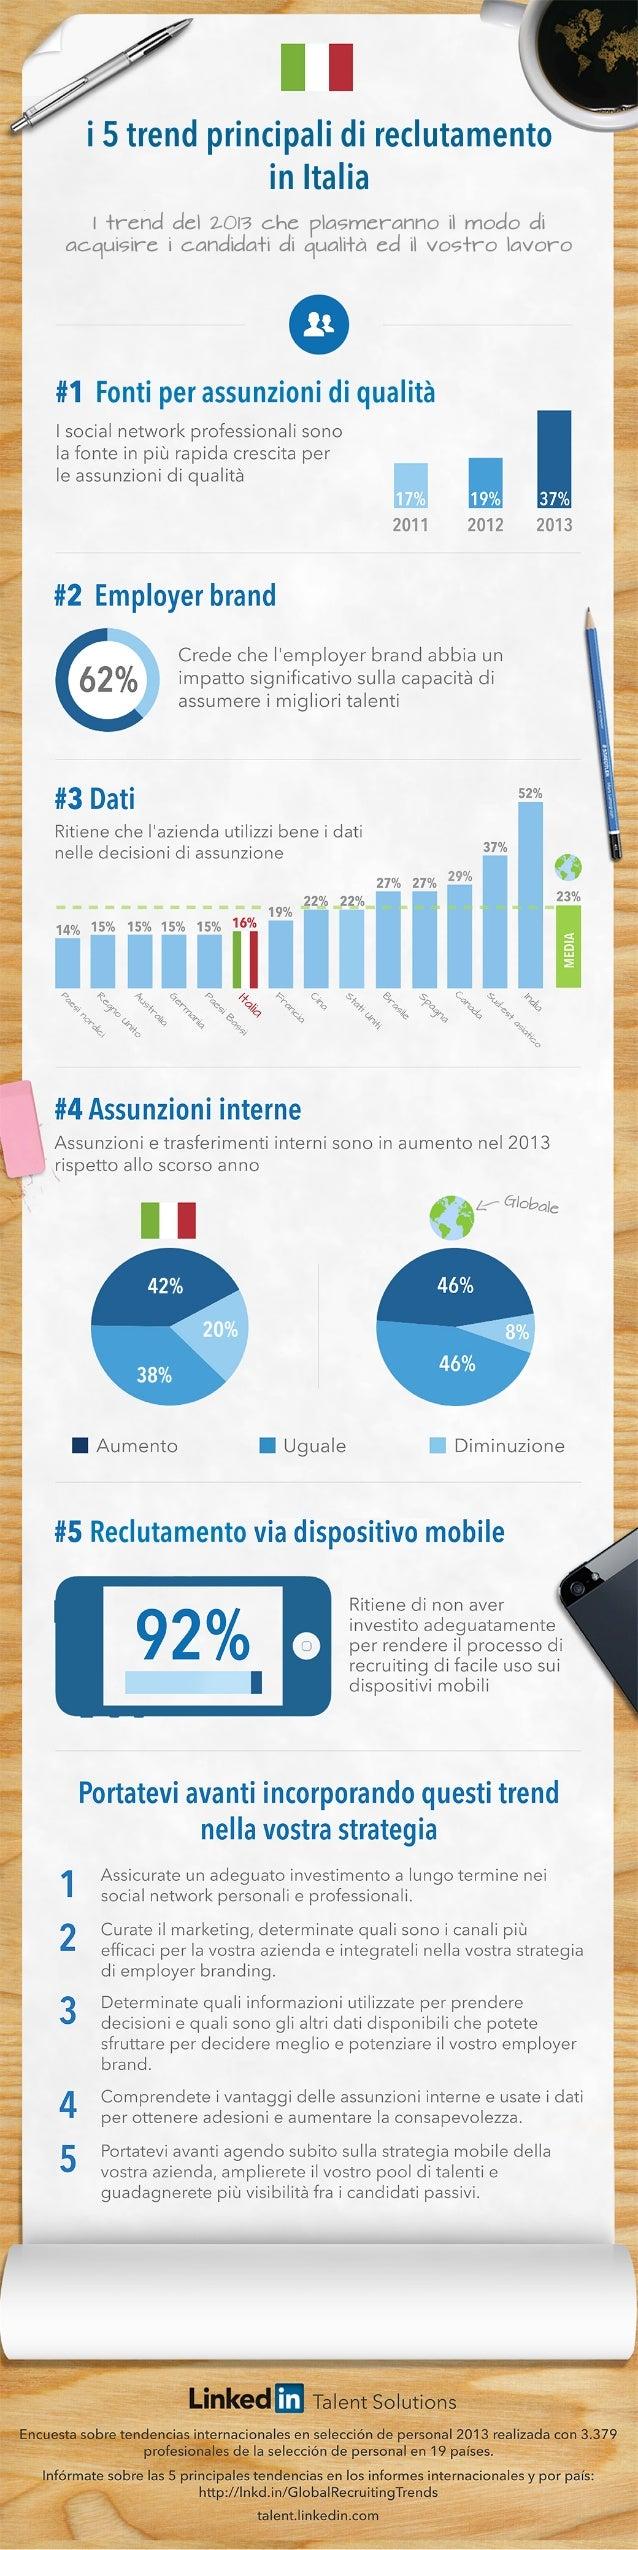 20% 42% 38% Reclutamento Fontiperassunzionidiqualità i5trendprincipalidireclutamento inItalia Itrenddel2013che plasmeranno...